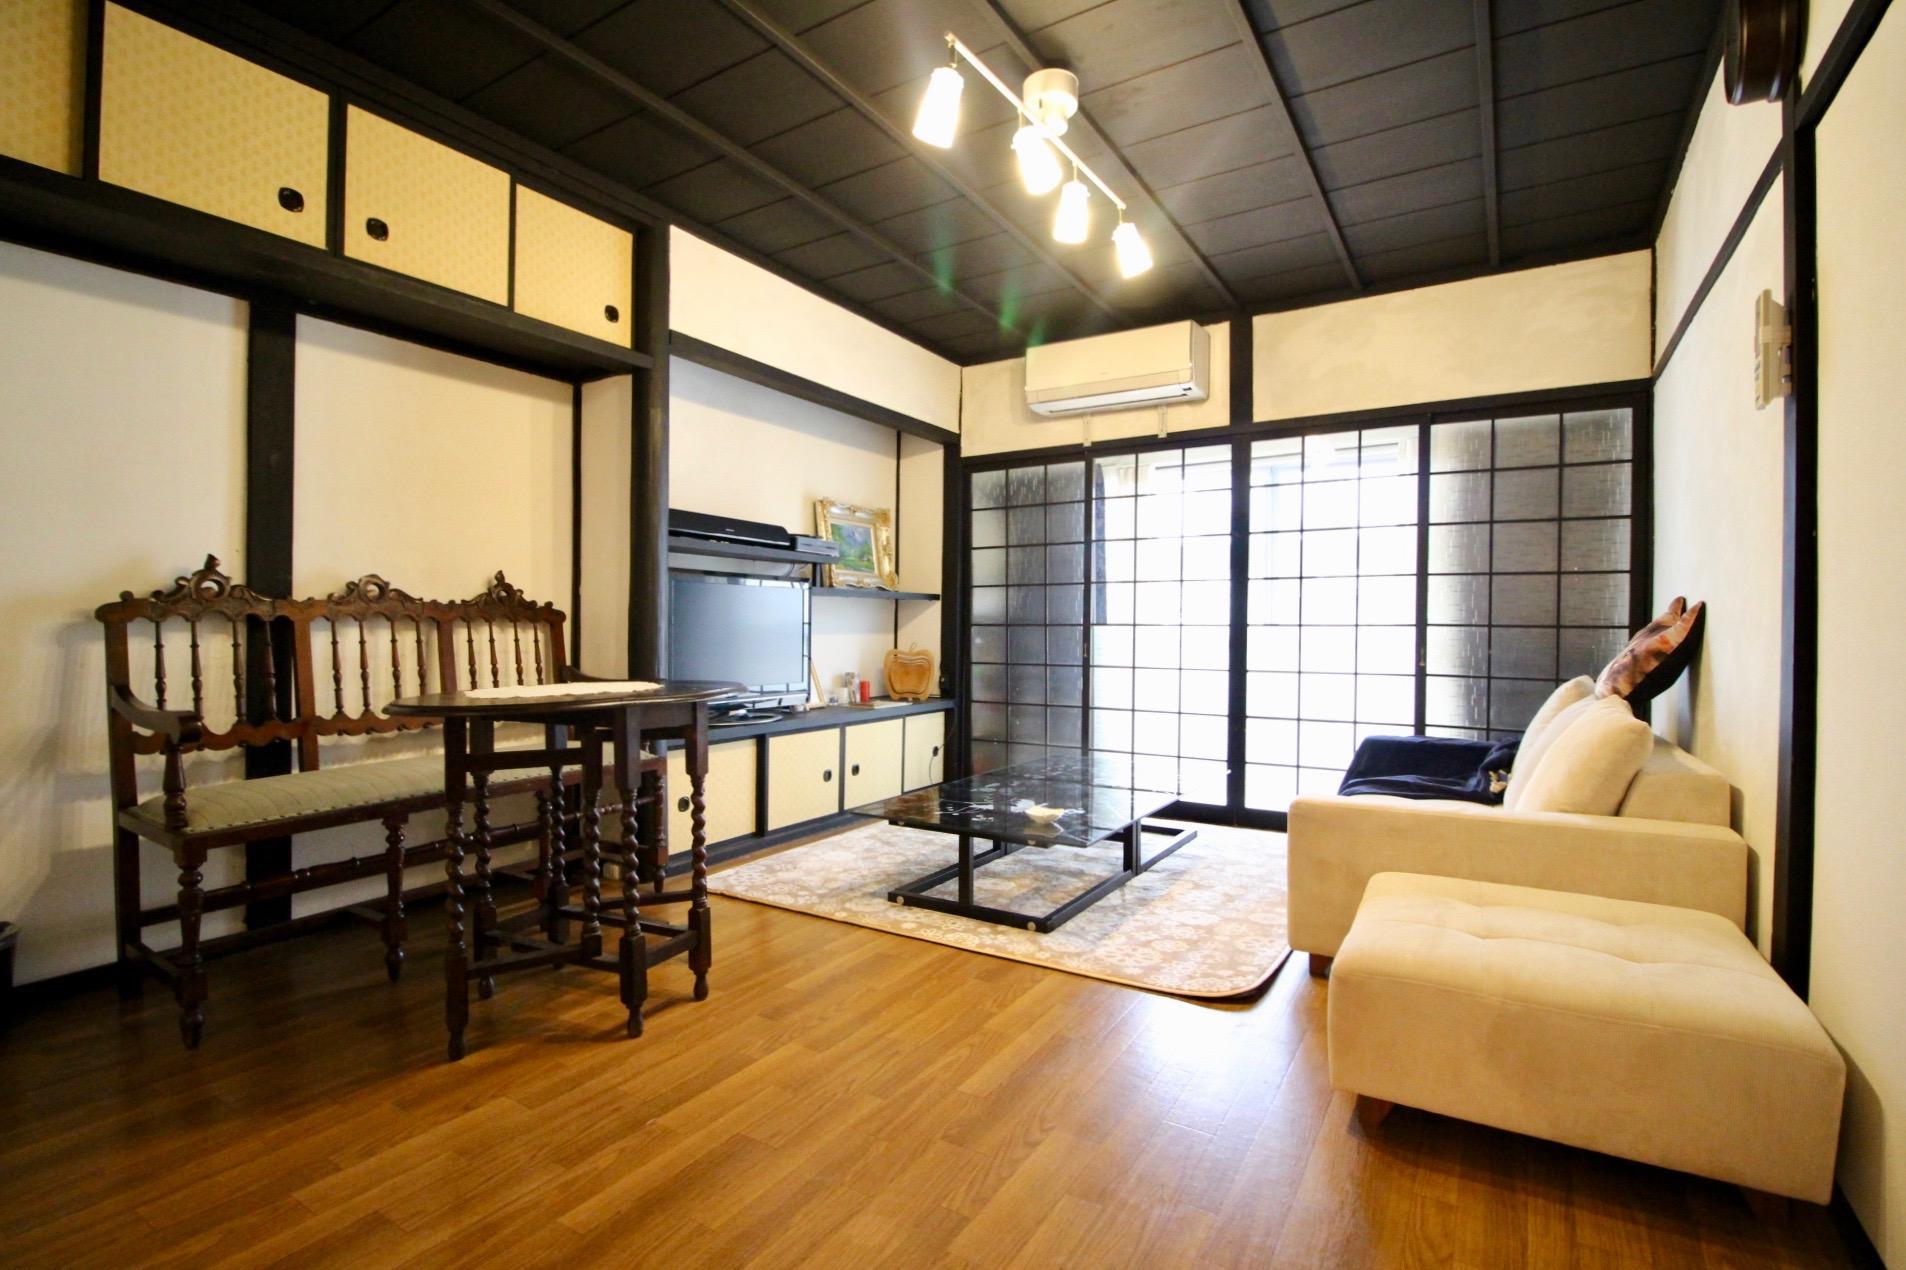 黒い天井板や建具のモダンなリビング